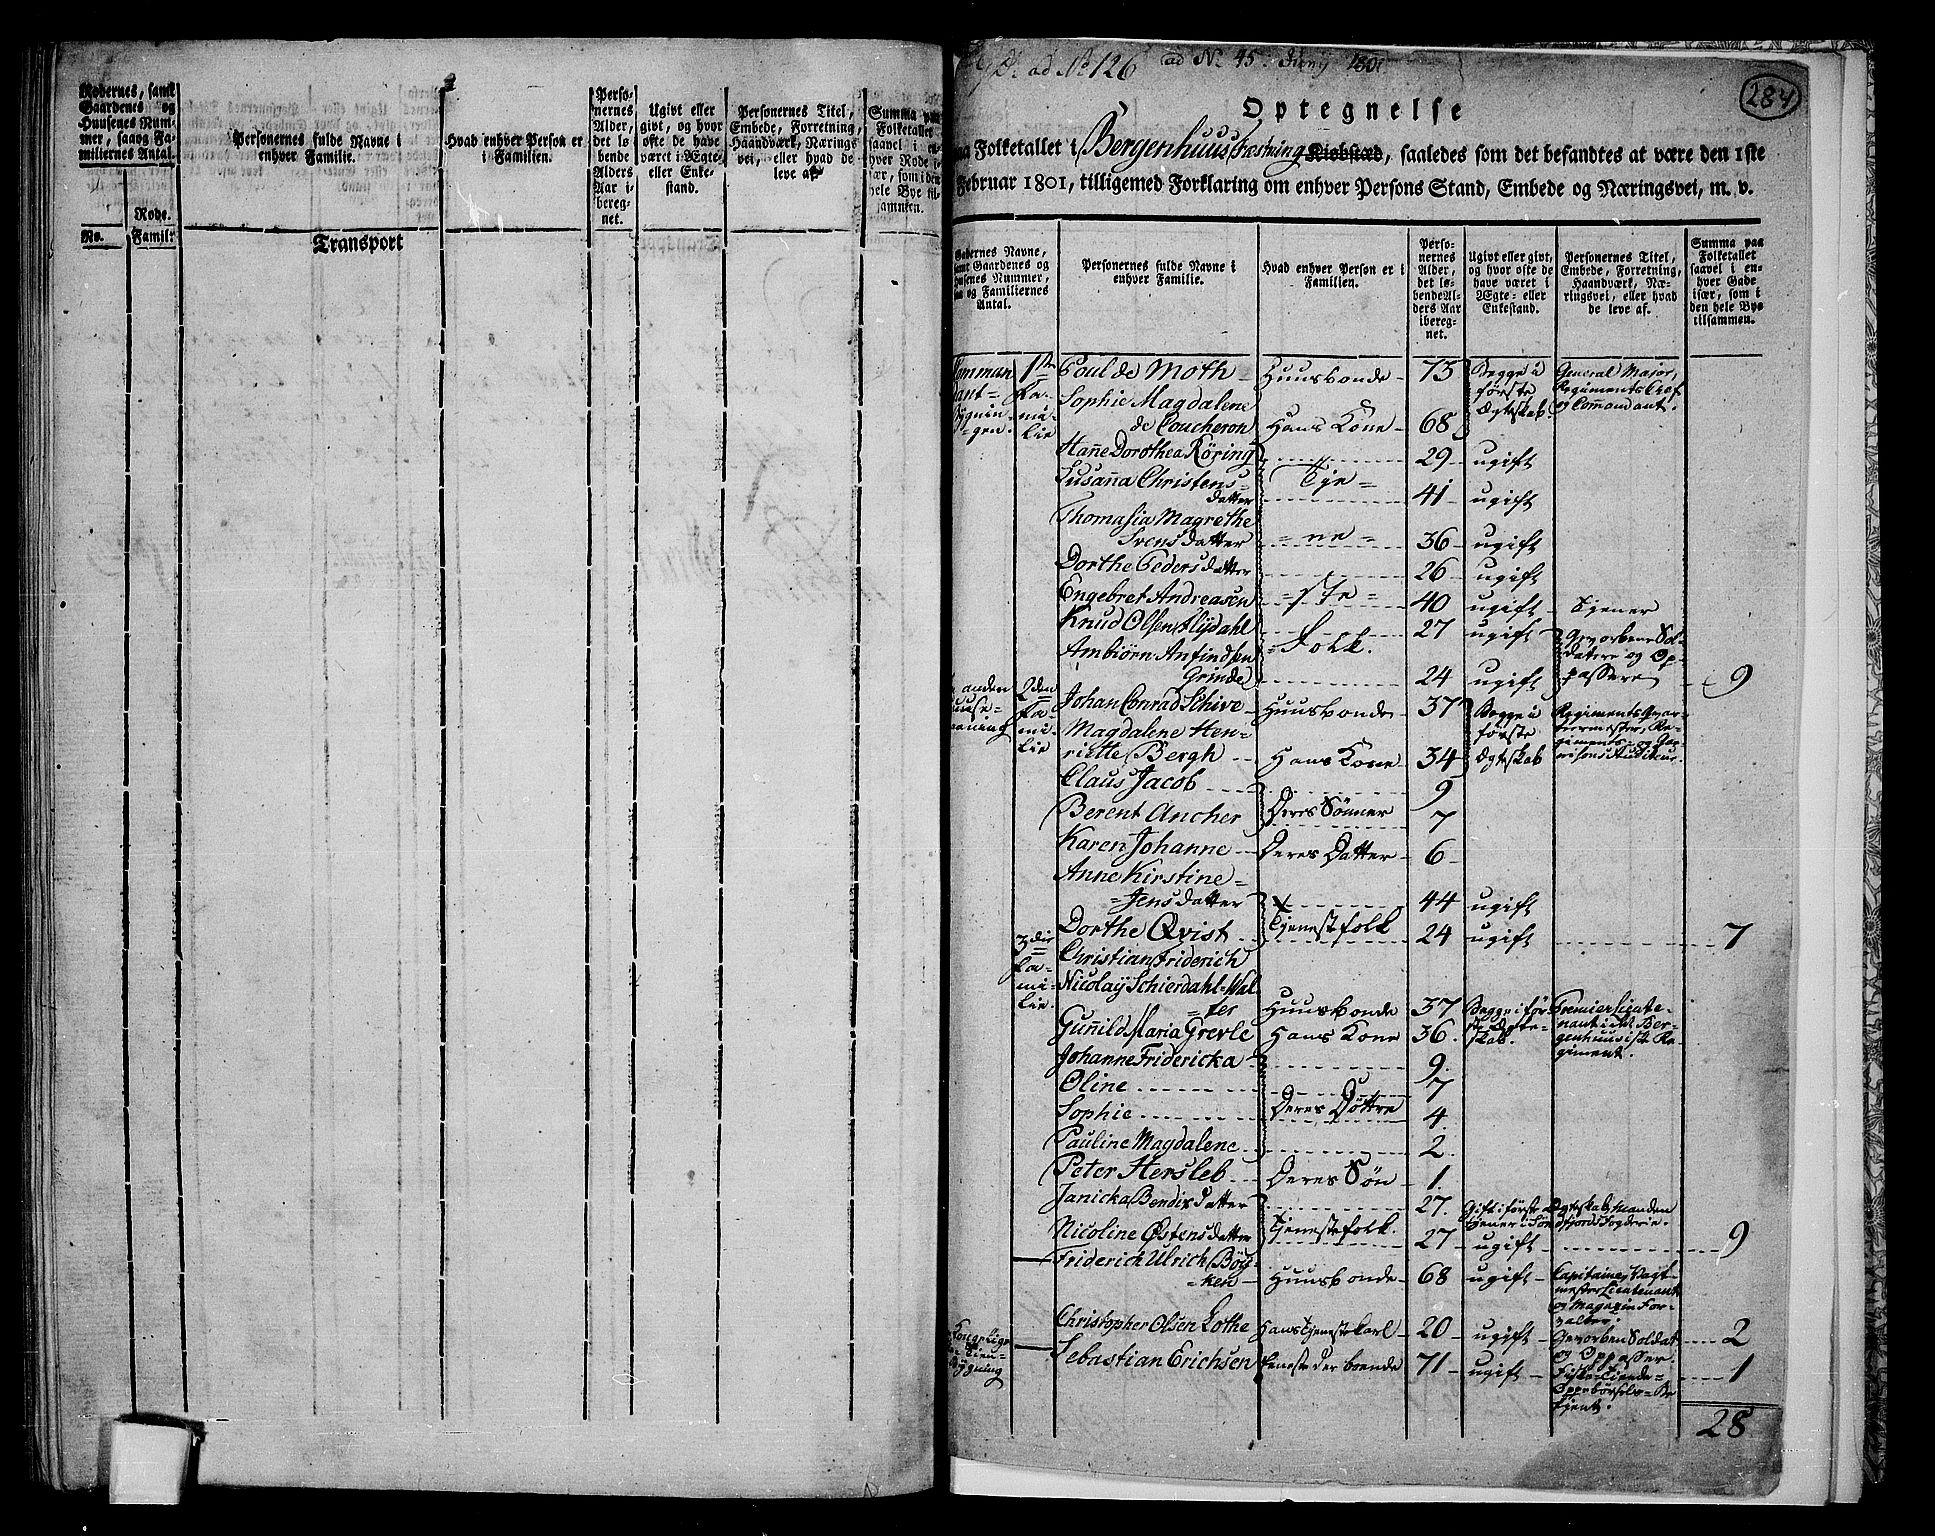 RA, Folketelling 1801 for 1301 Bergen kjøpstad, 1801, s. 283b-284a